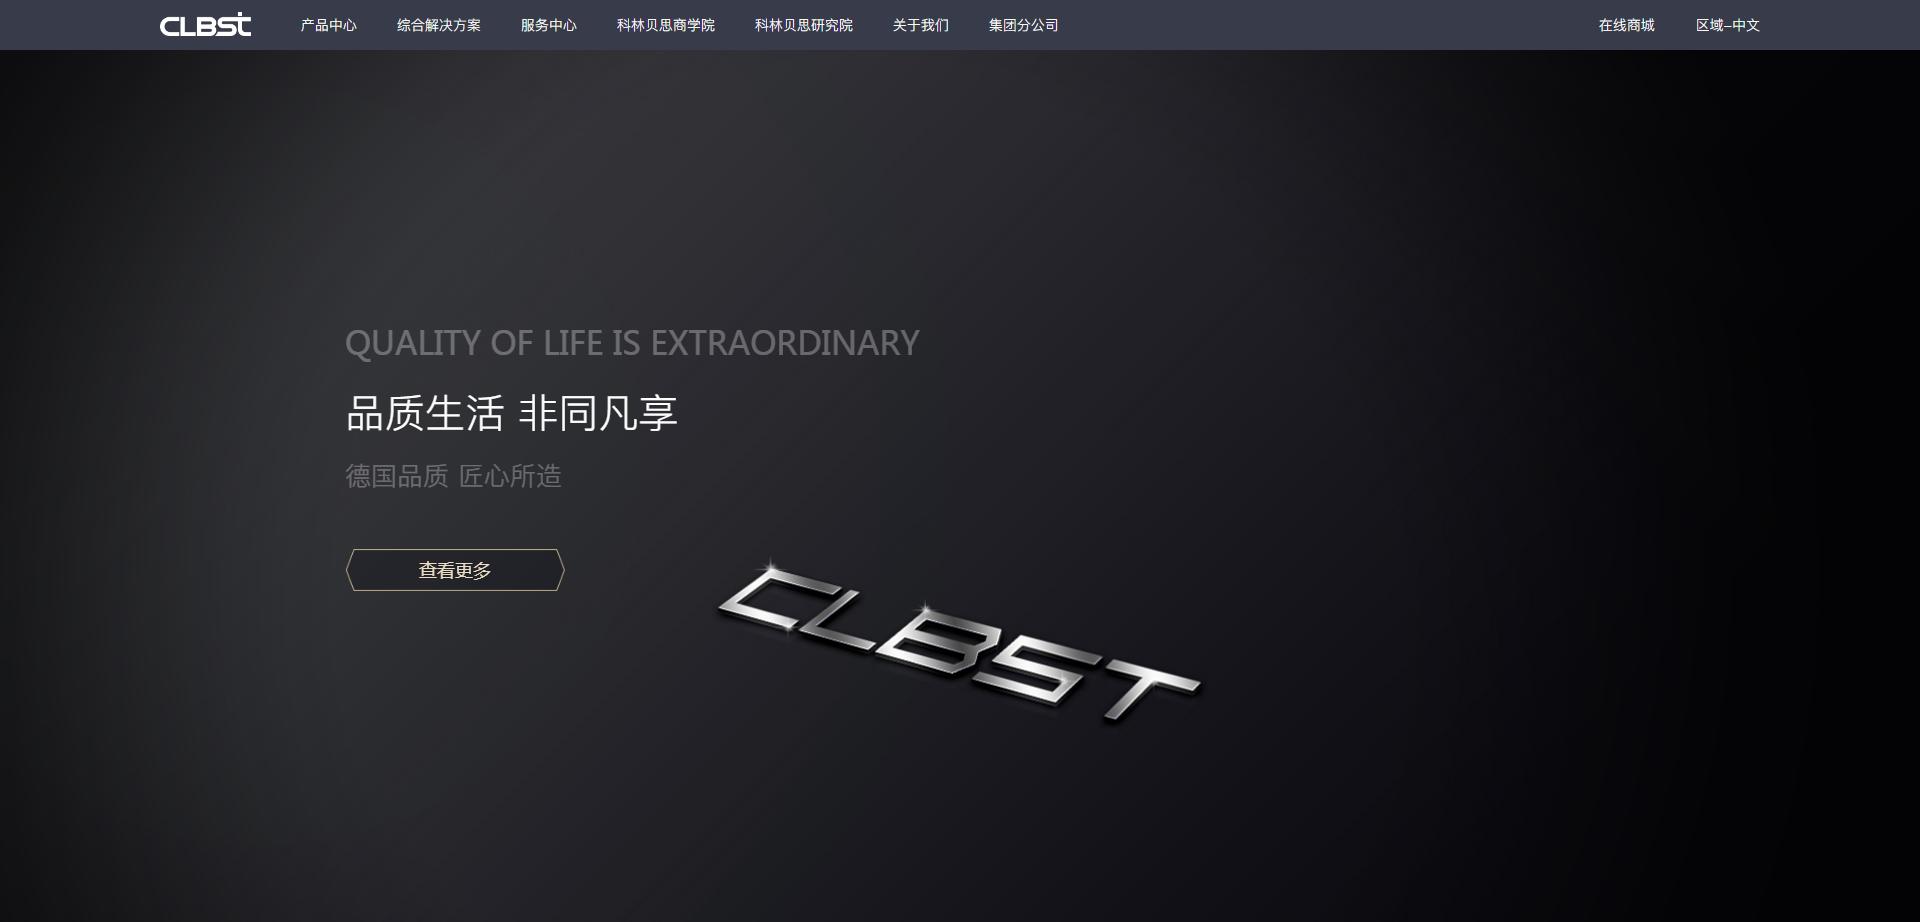 科林贝思(深圳)科技有限公司.png